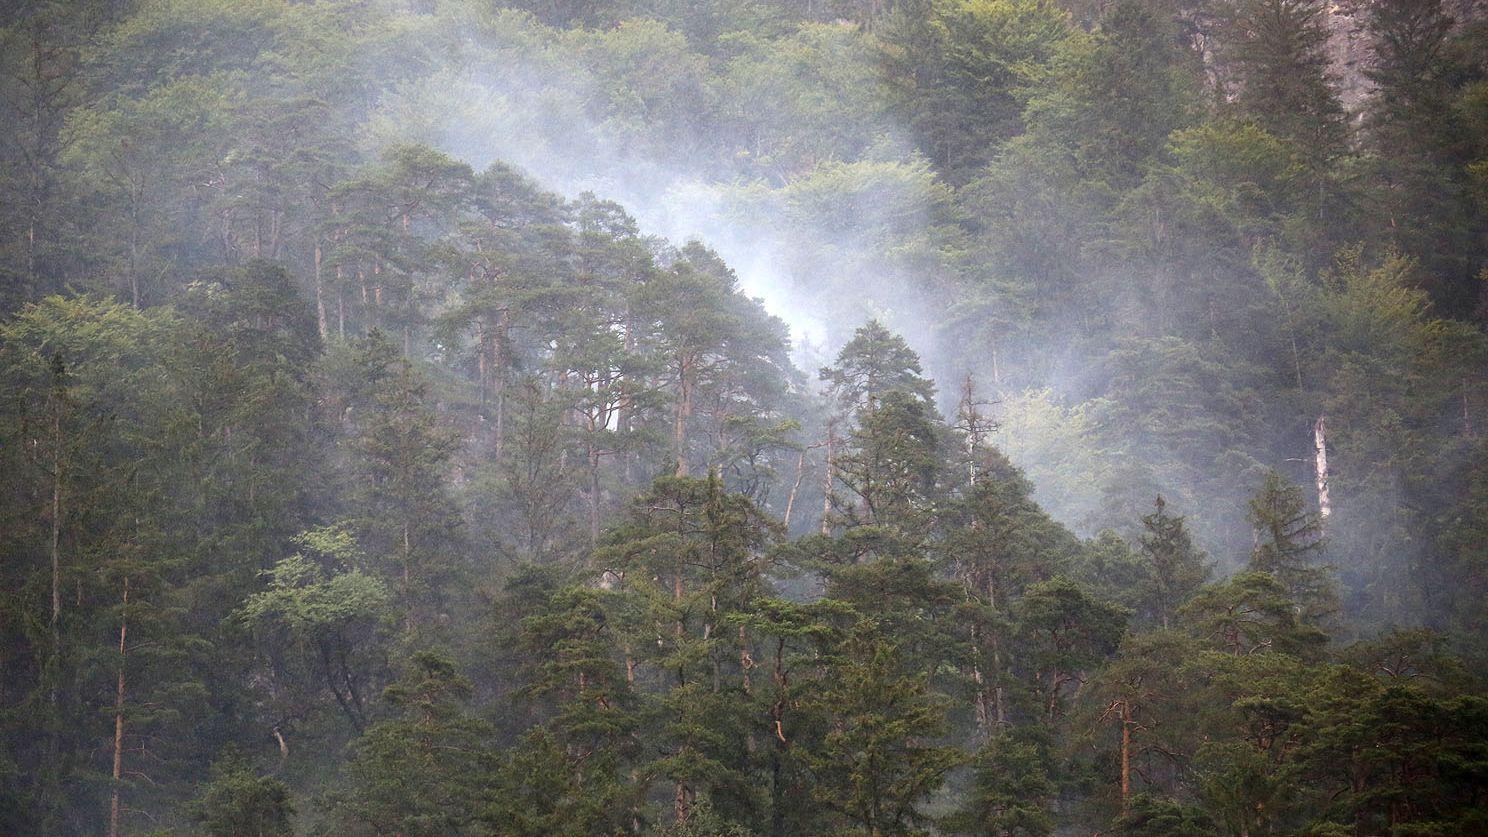 Blitz schlägt im steilen Bergwald am Poschberg ein und setzt Bäume in Brand